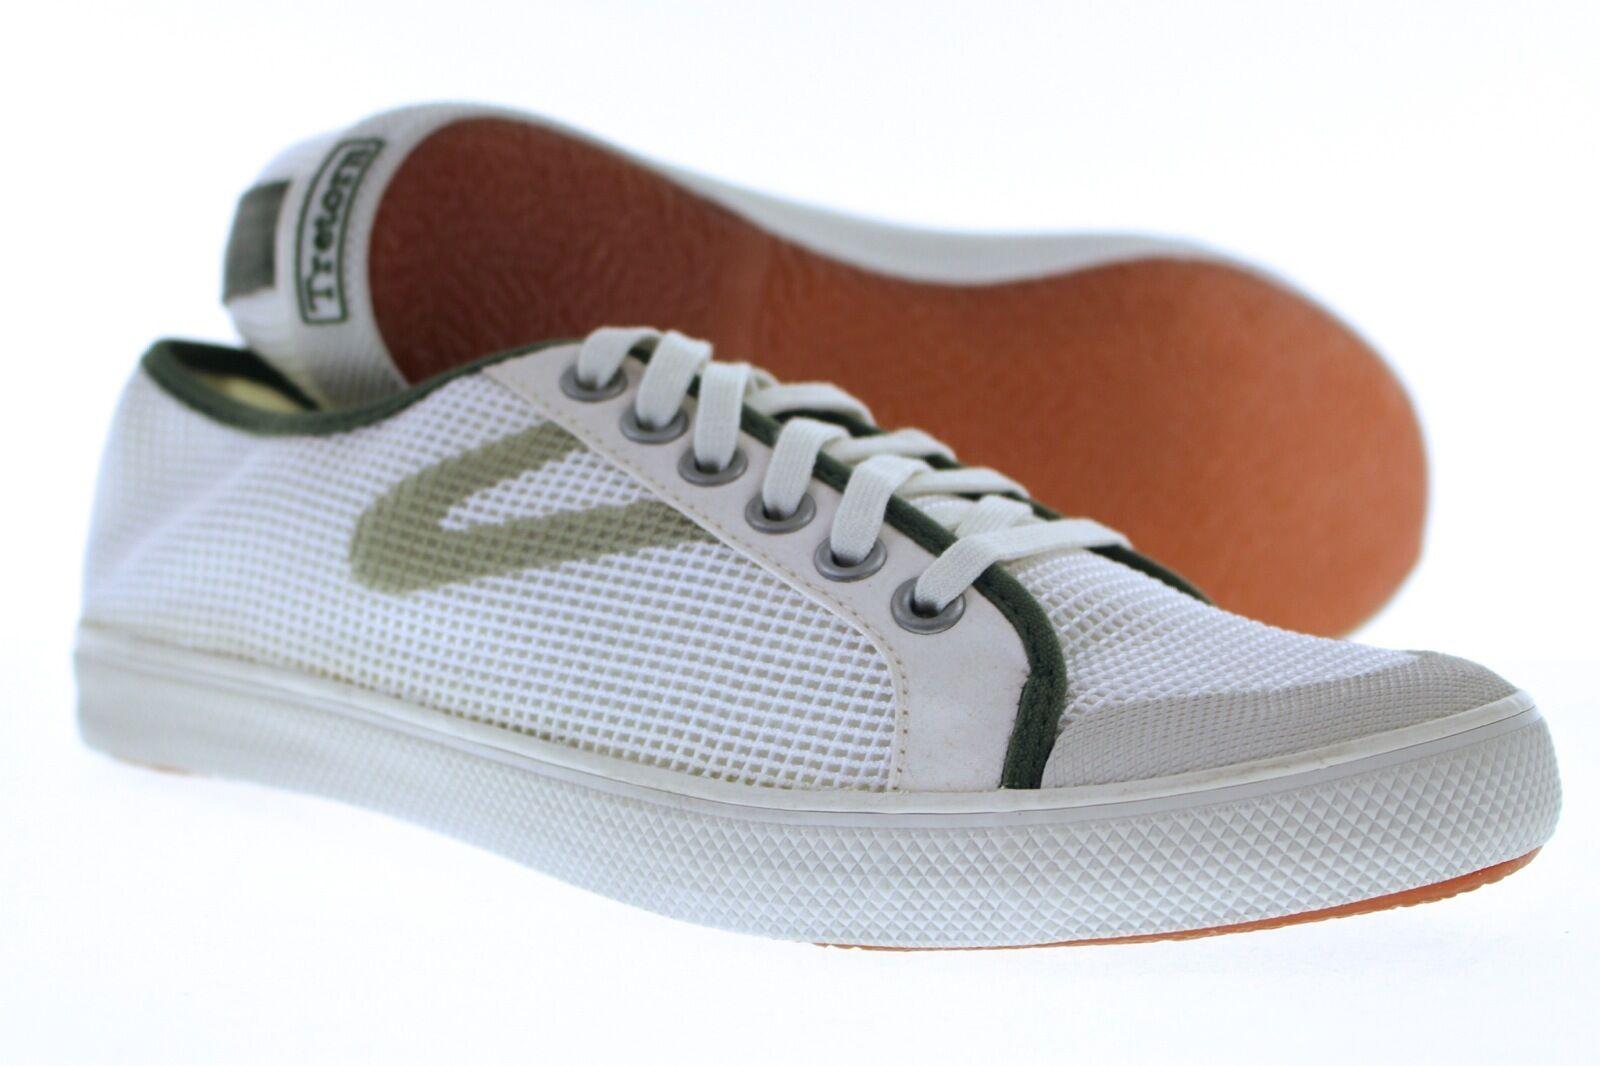 Puma t58 MESH Baskets Chaussures Femmes 472130 03 Voile Chaussures 37 38 39 40 Crème #2.3